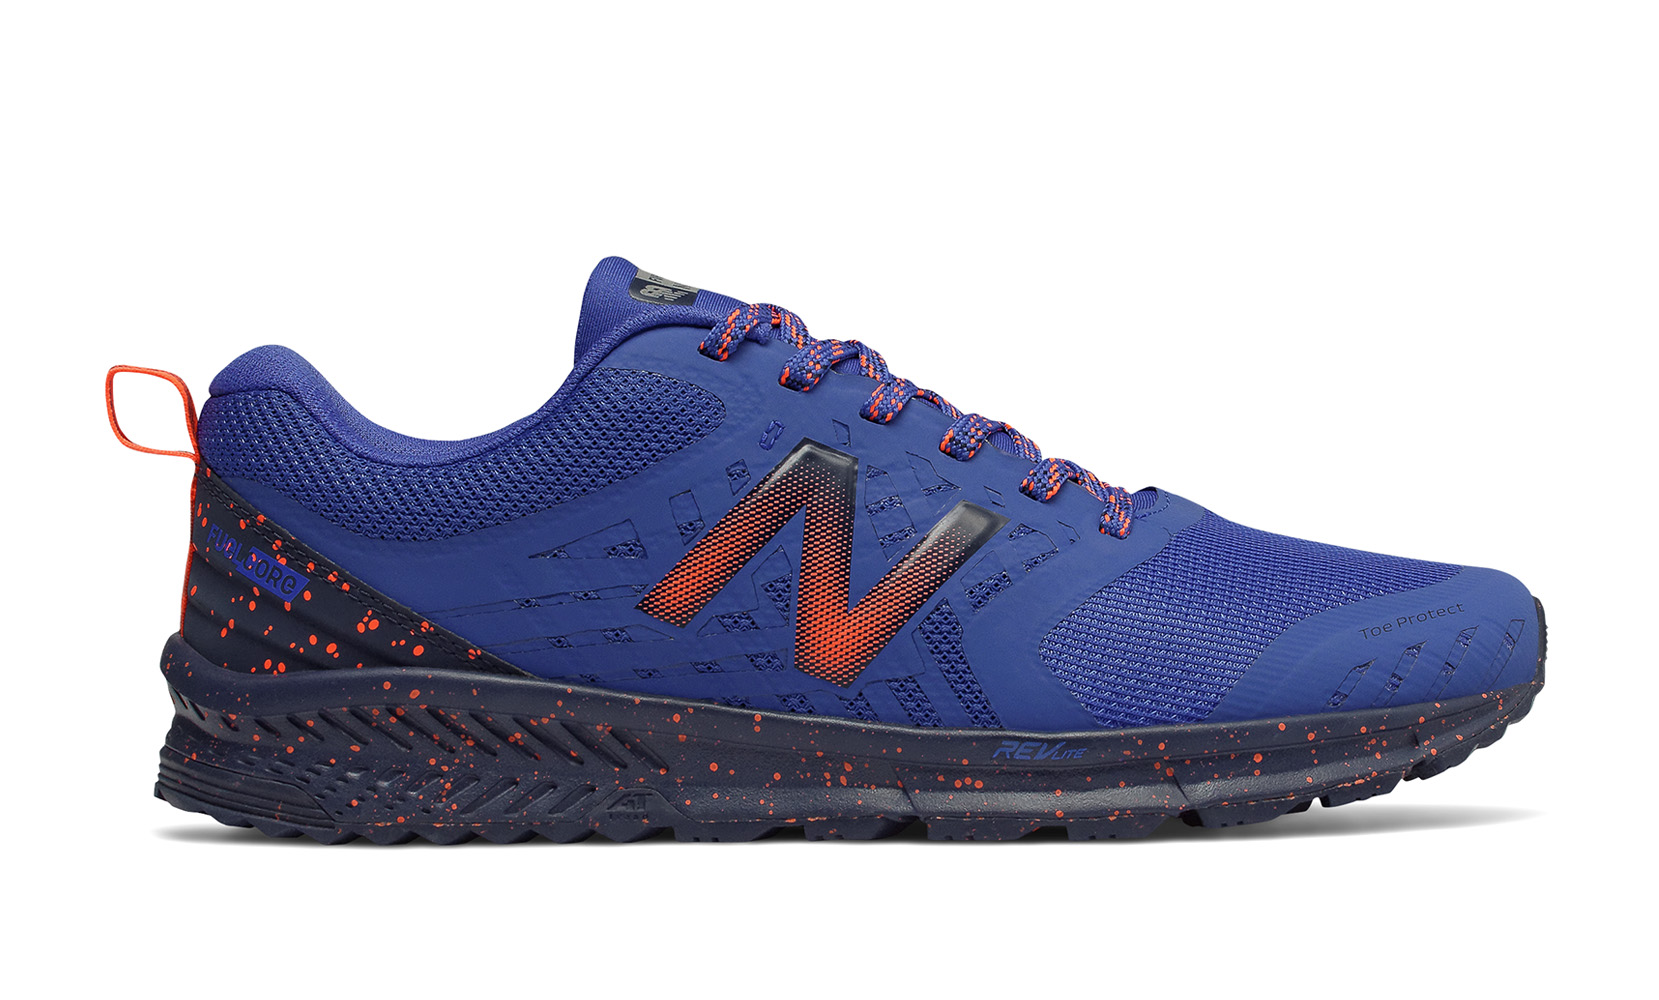 Чоловіче взуття для бігу  FuelCore NITREL Trail  MTNTRRP1 | New Balance